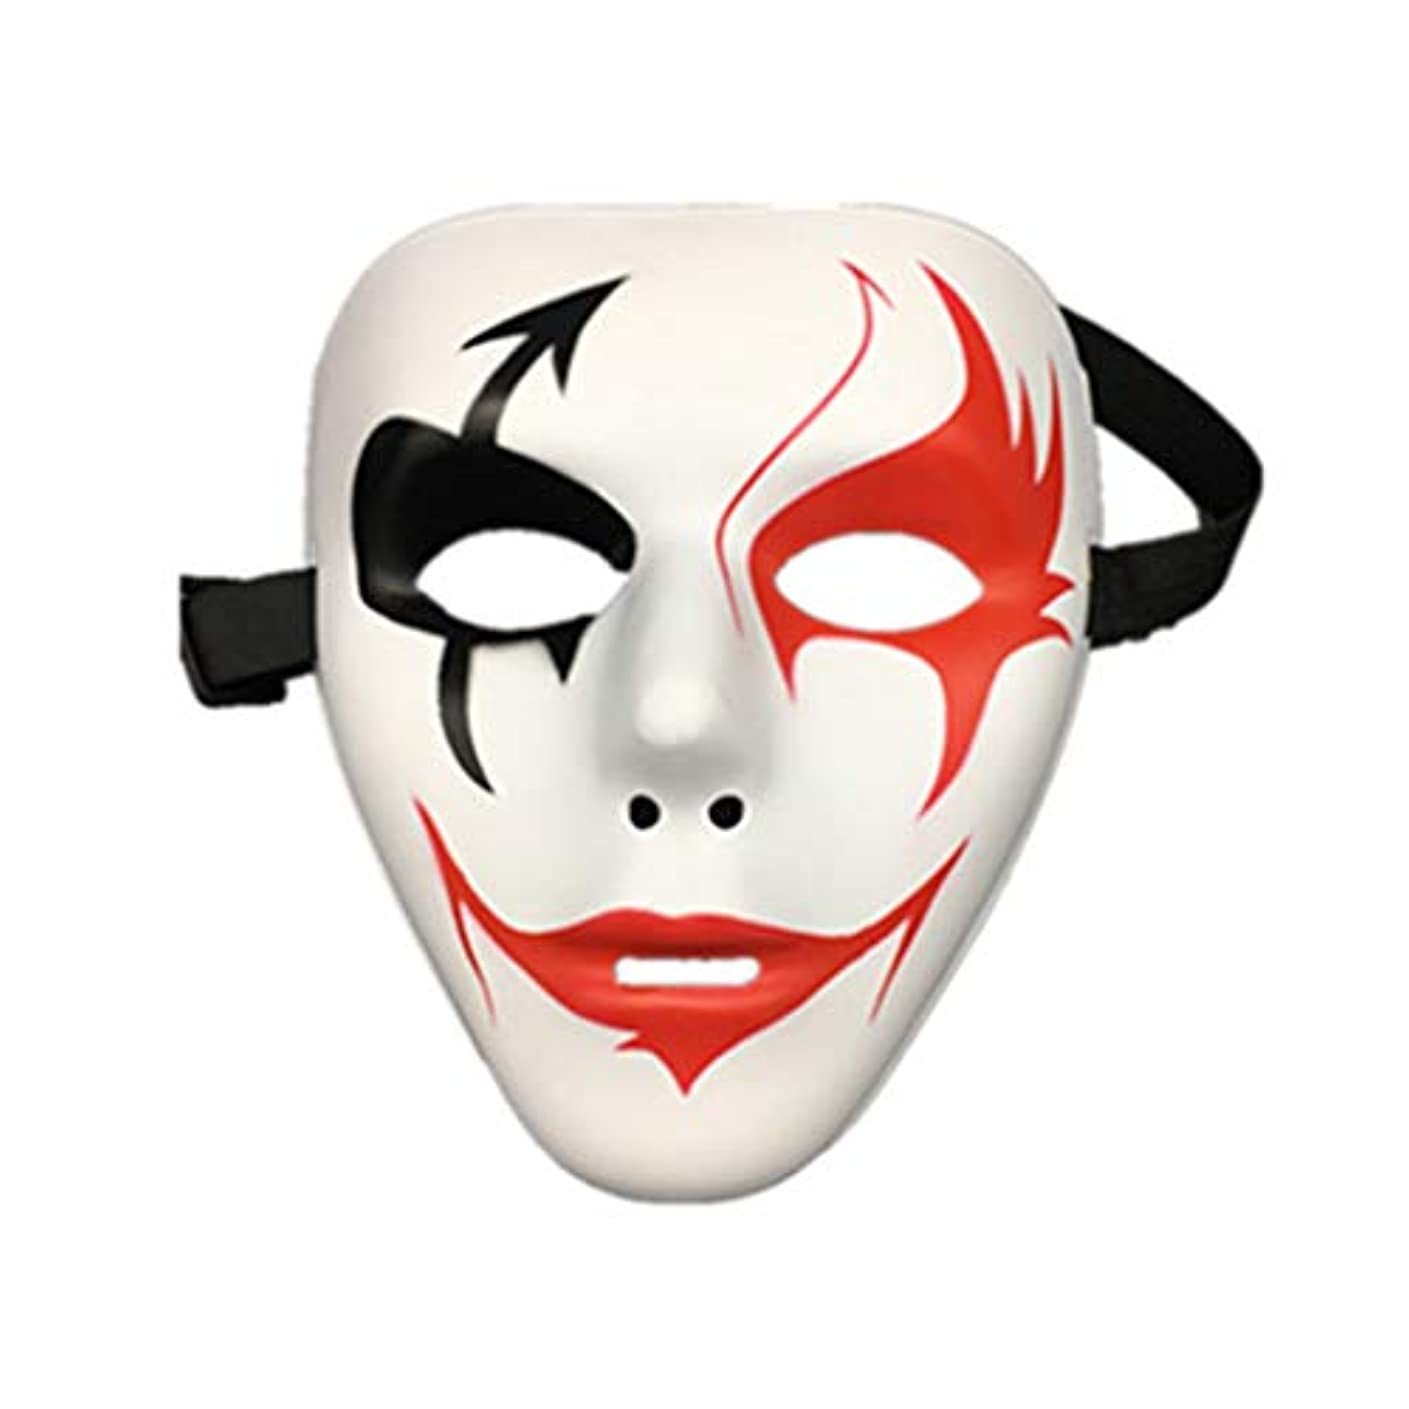 長さブレス苦情文句ハロウィンマスクフルフェイスストリートダンス振動マスク仮装変なマスクダンスマスク